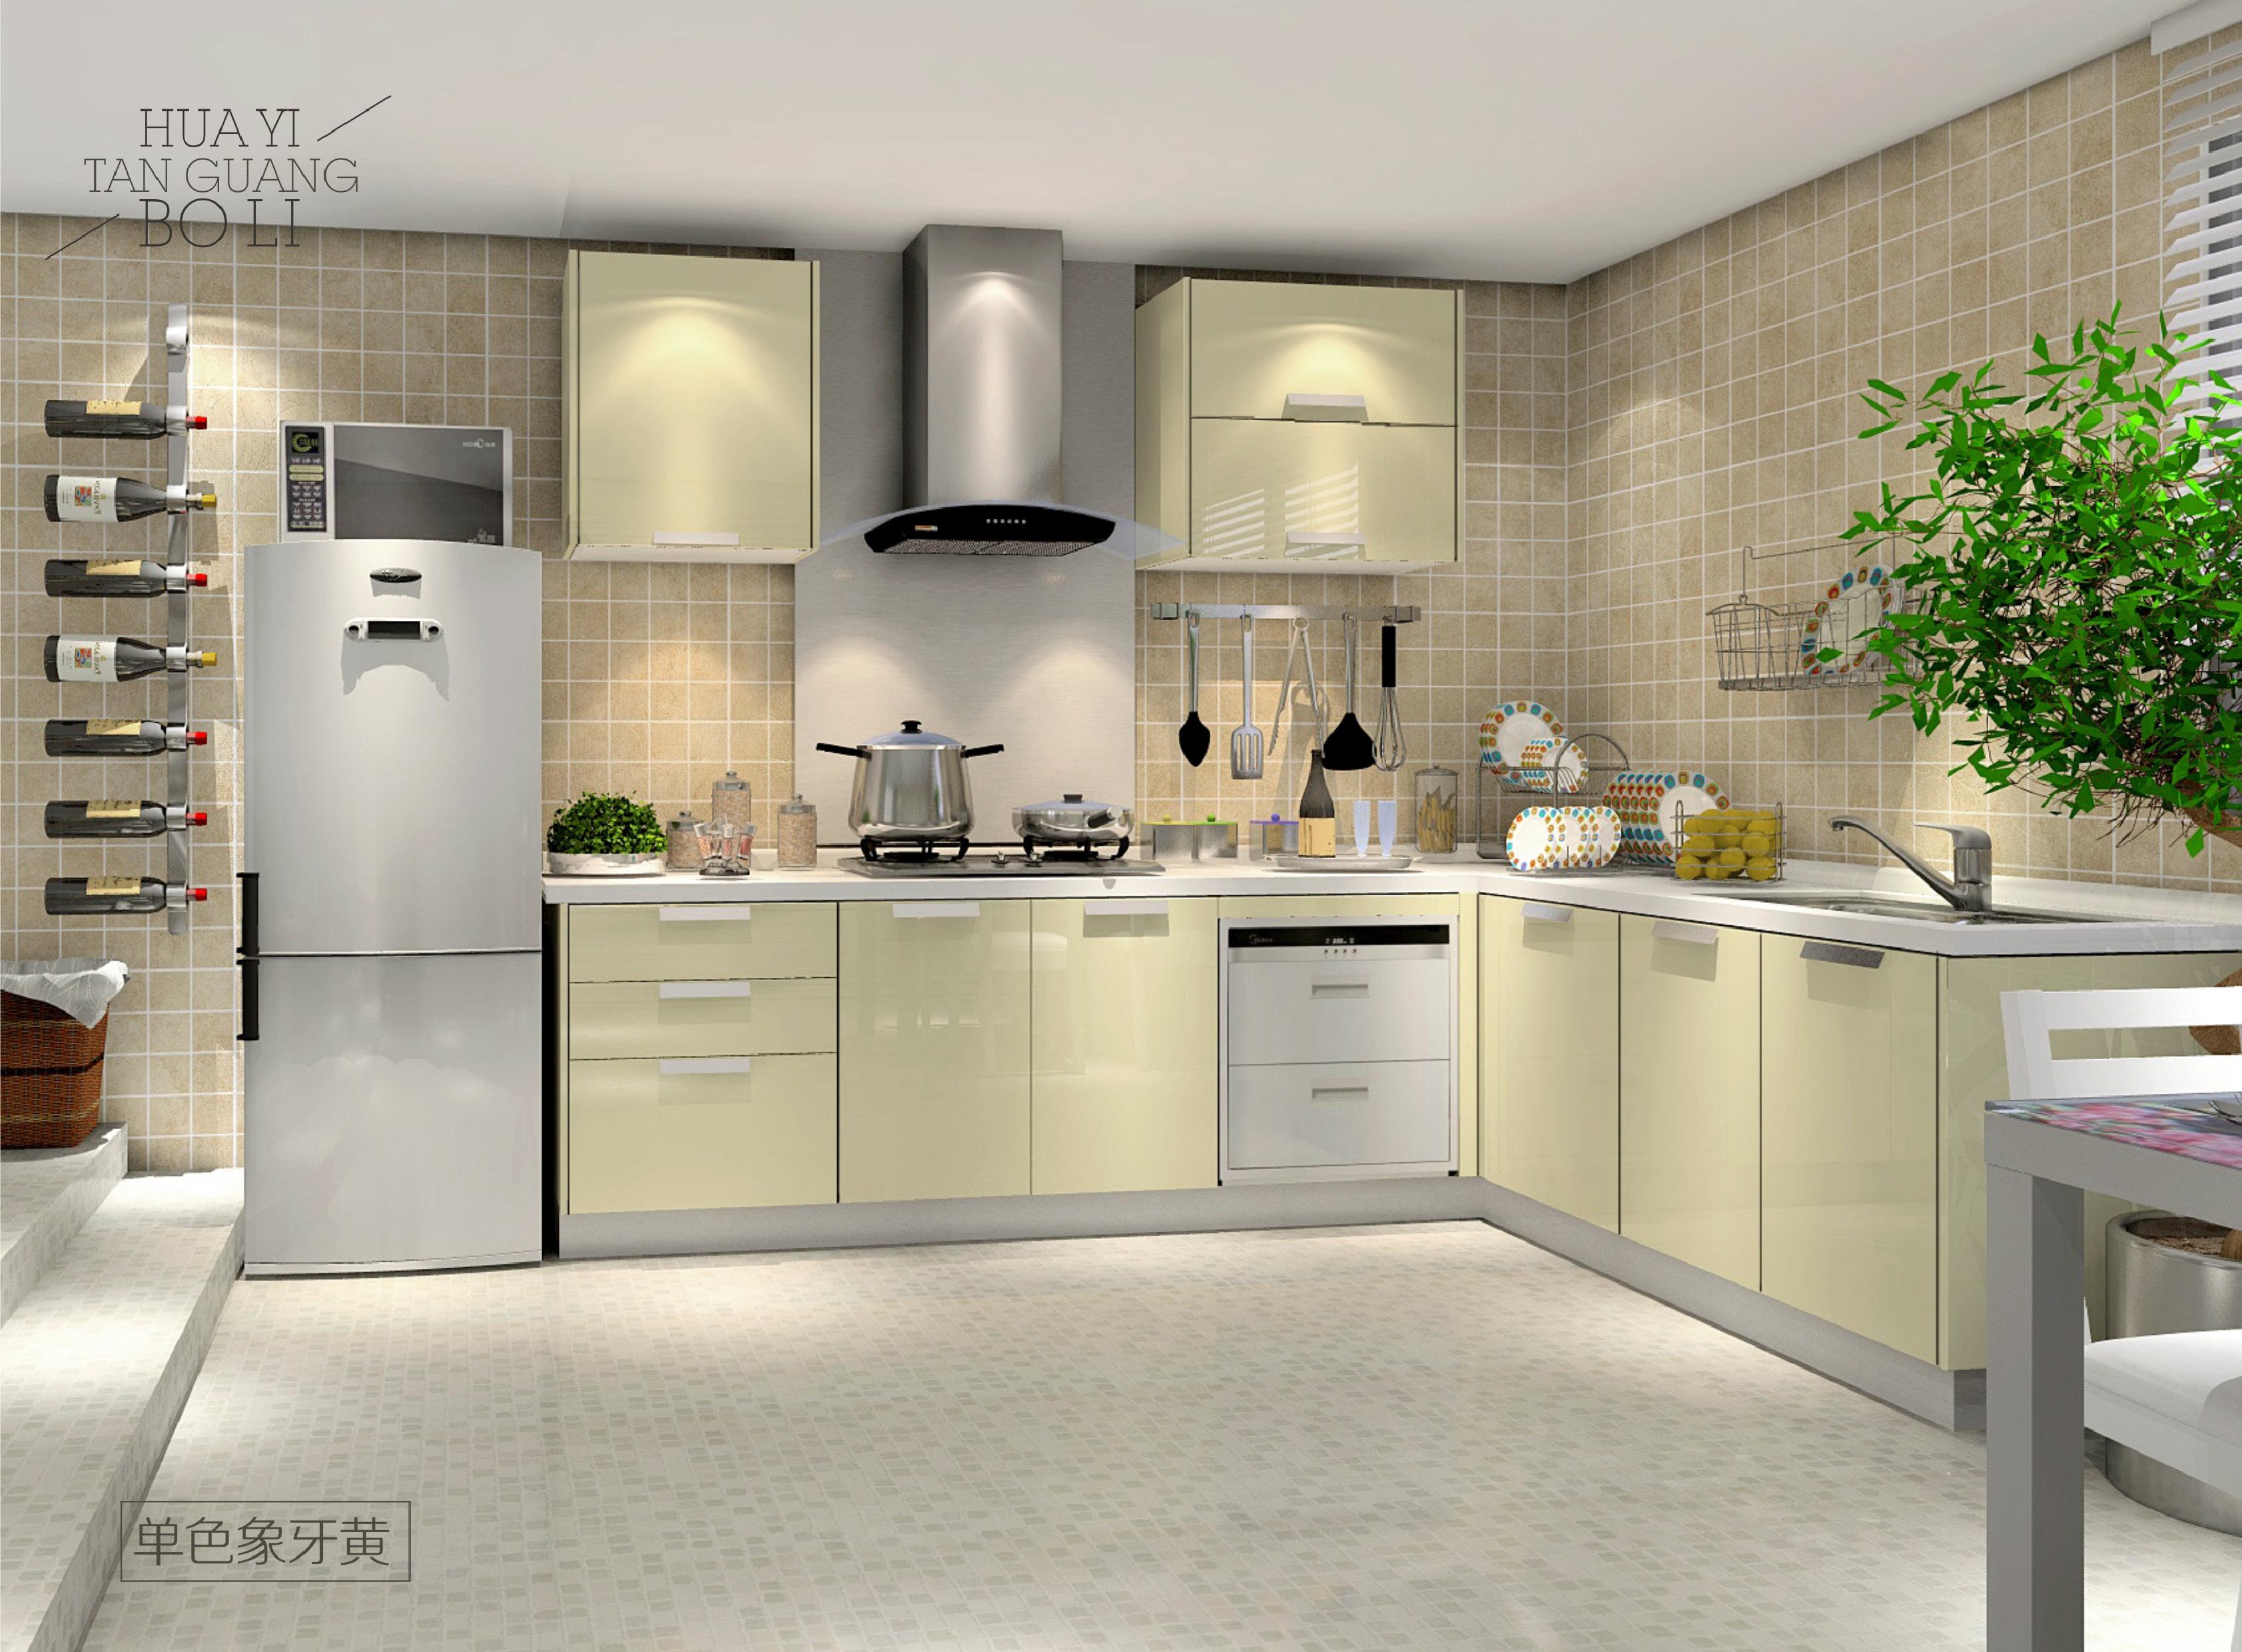 橱柜 厨房 家居 设计 装修 3366_2480